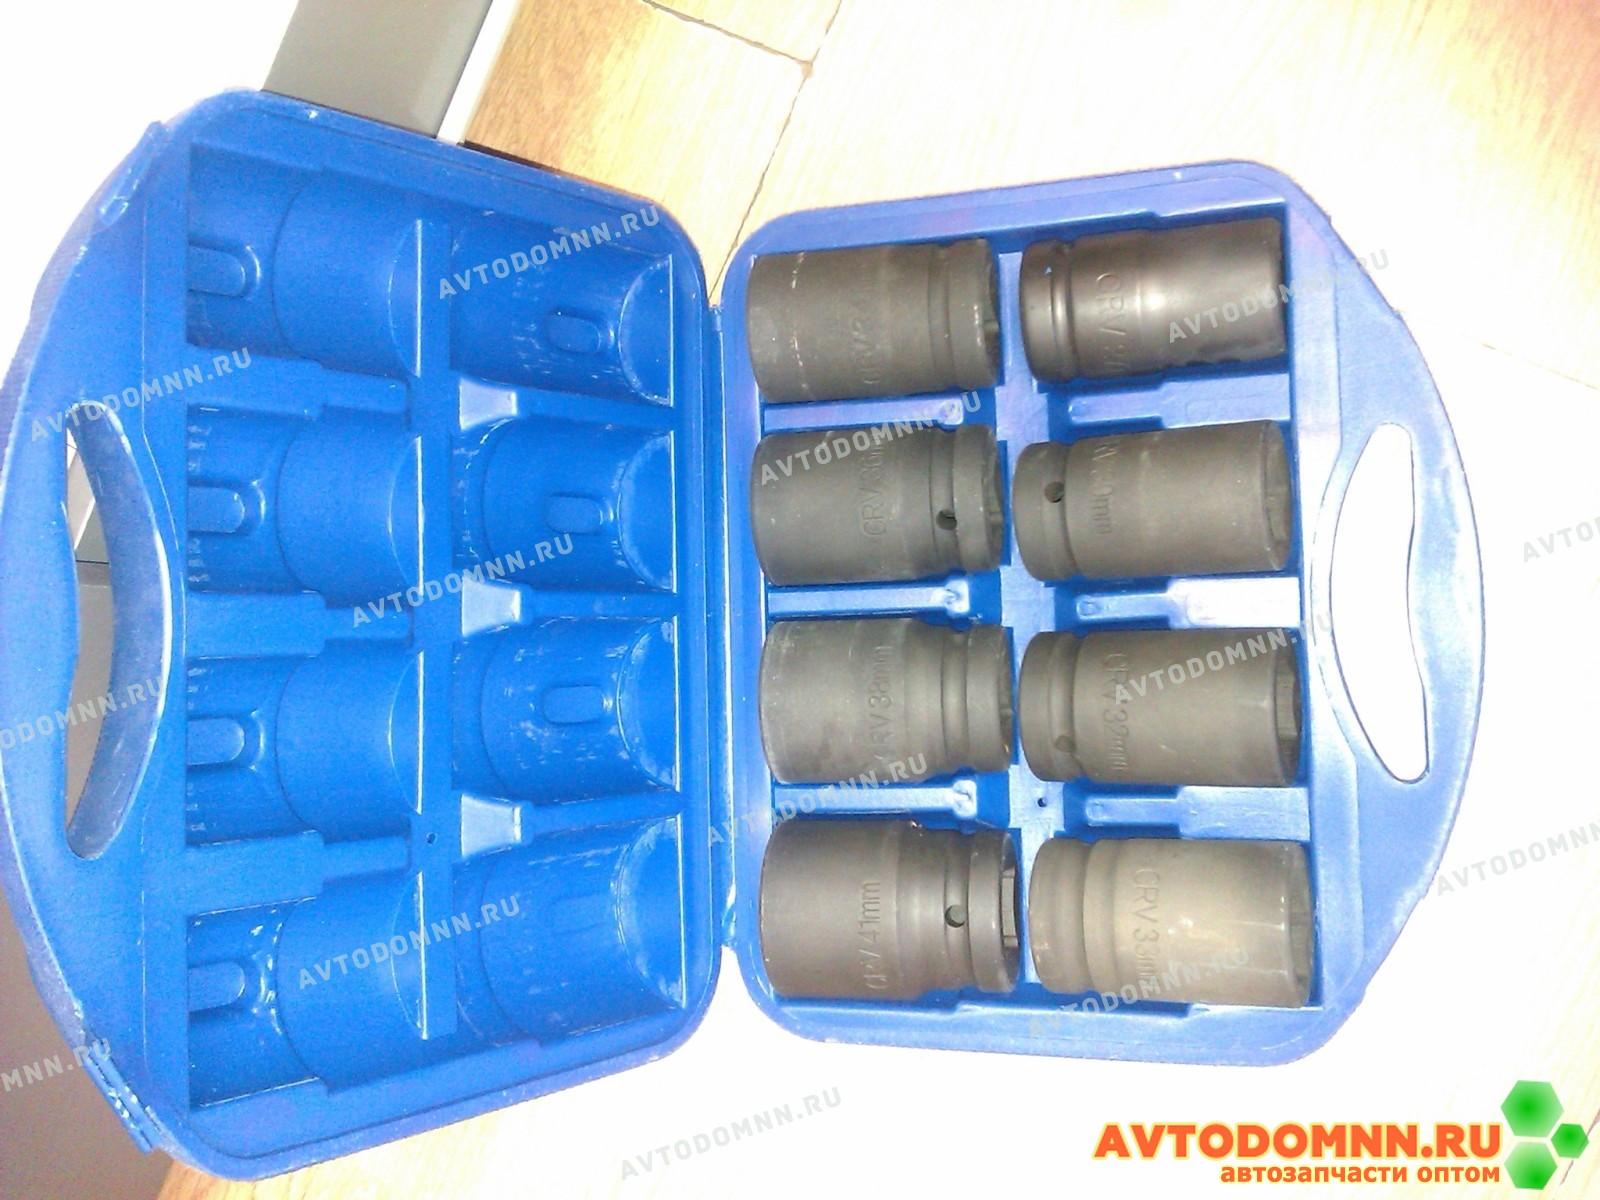 Набор головок набор головок для ключа 11 штук (25мм) (27, 30, 32, 33, 36, 38, 41, 46, 50, 55, 60) в пластиковом боксе